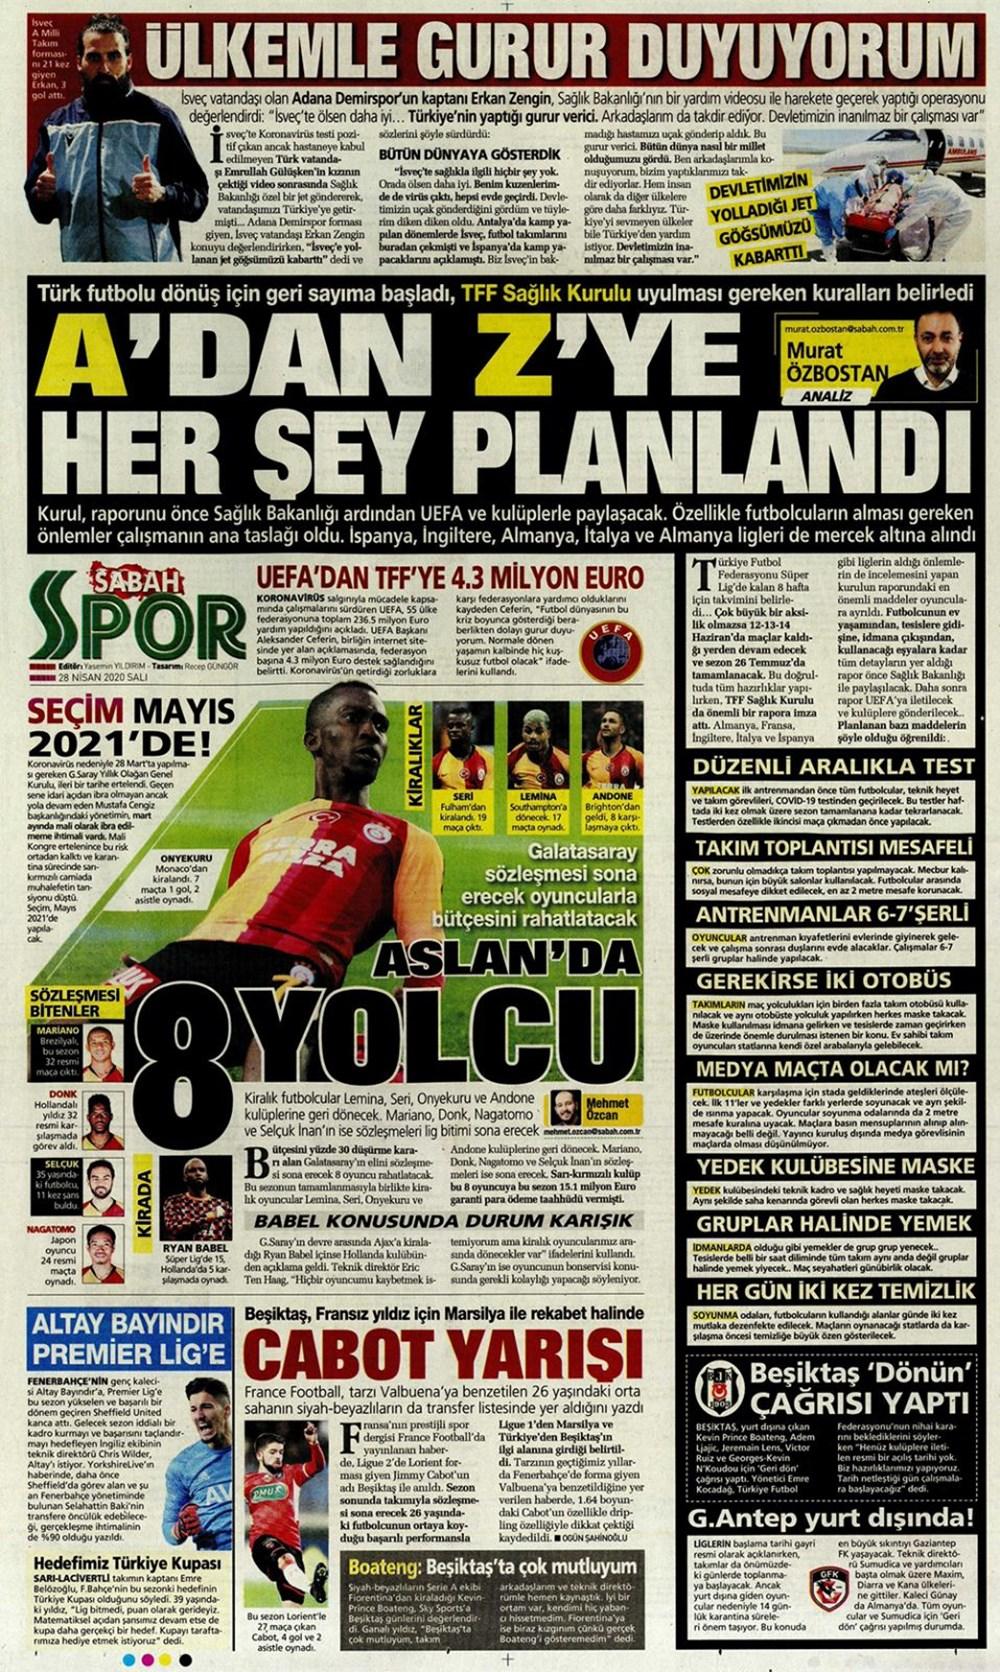 İşte 28 Nisan günün spor manşetleri! Haftanın önemli spor gelişmeleri 1